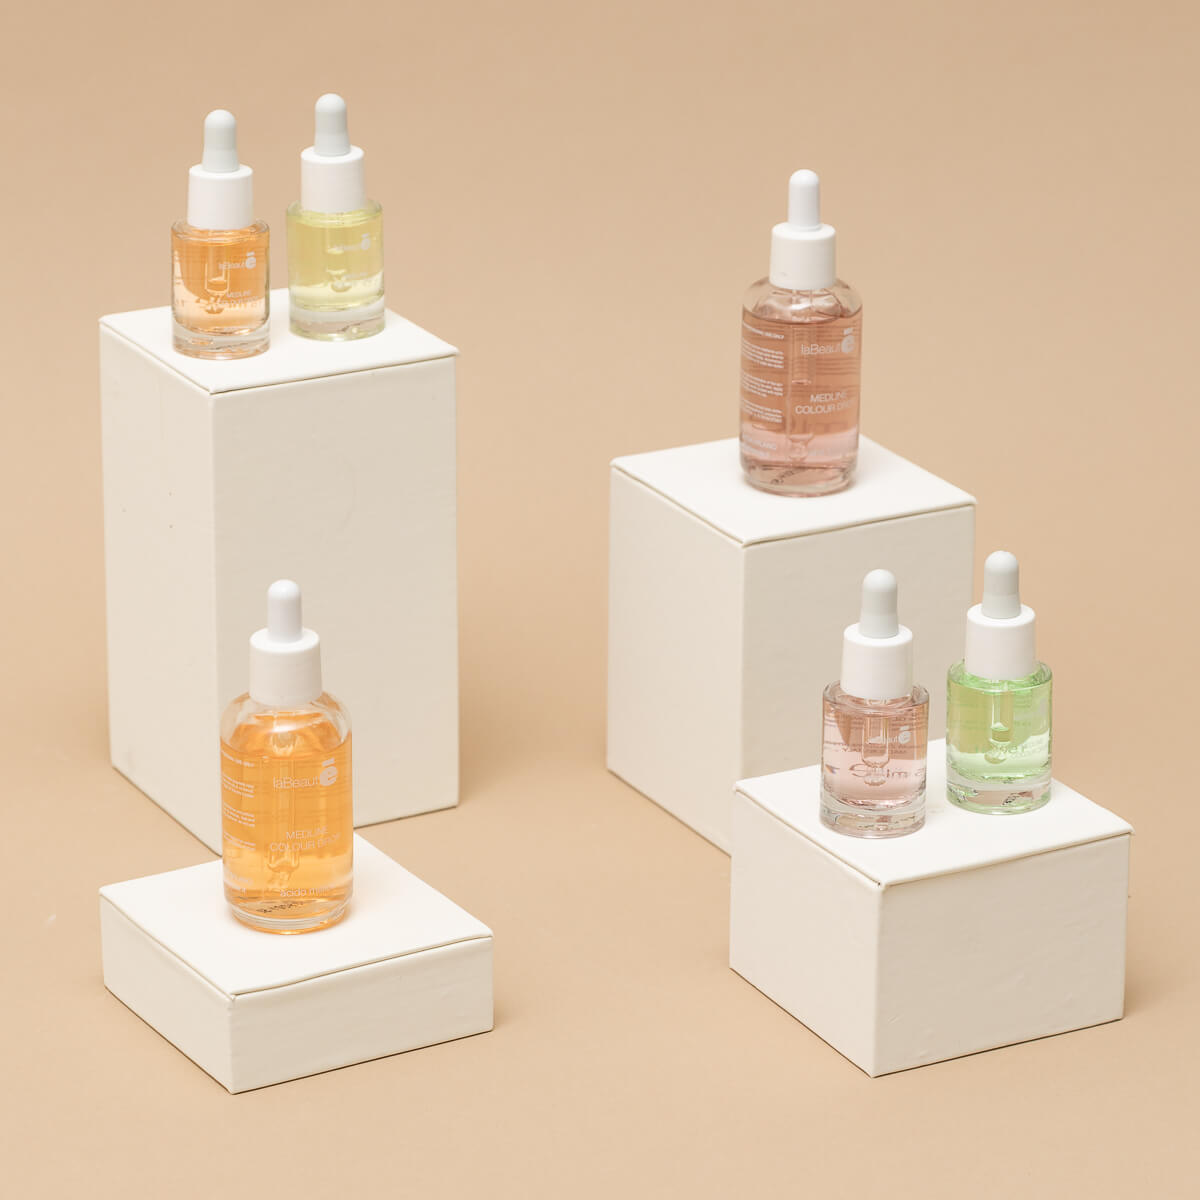 Diversi prodotti estetici Medline Colour Drop - La Beautè